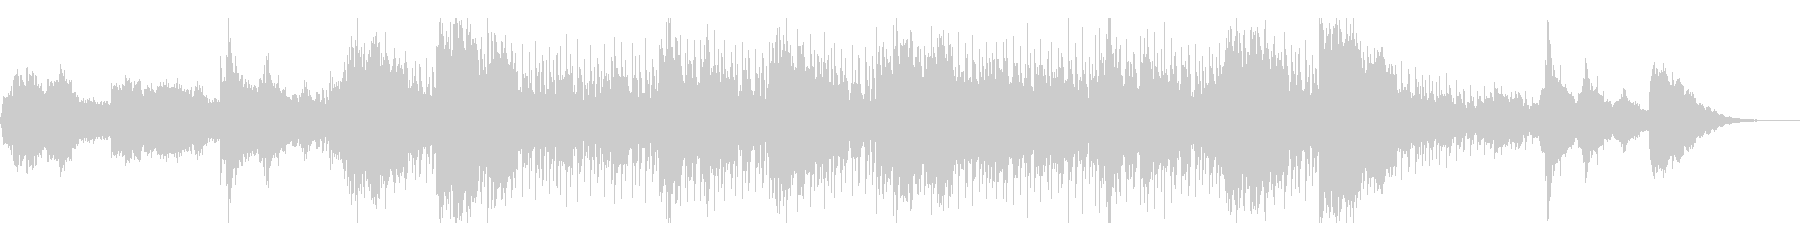 ダークでホラー向けなテクスチャの未再生の波形